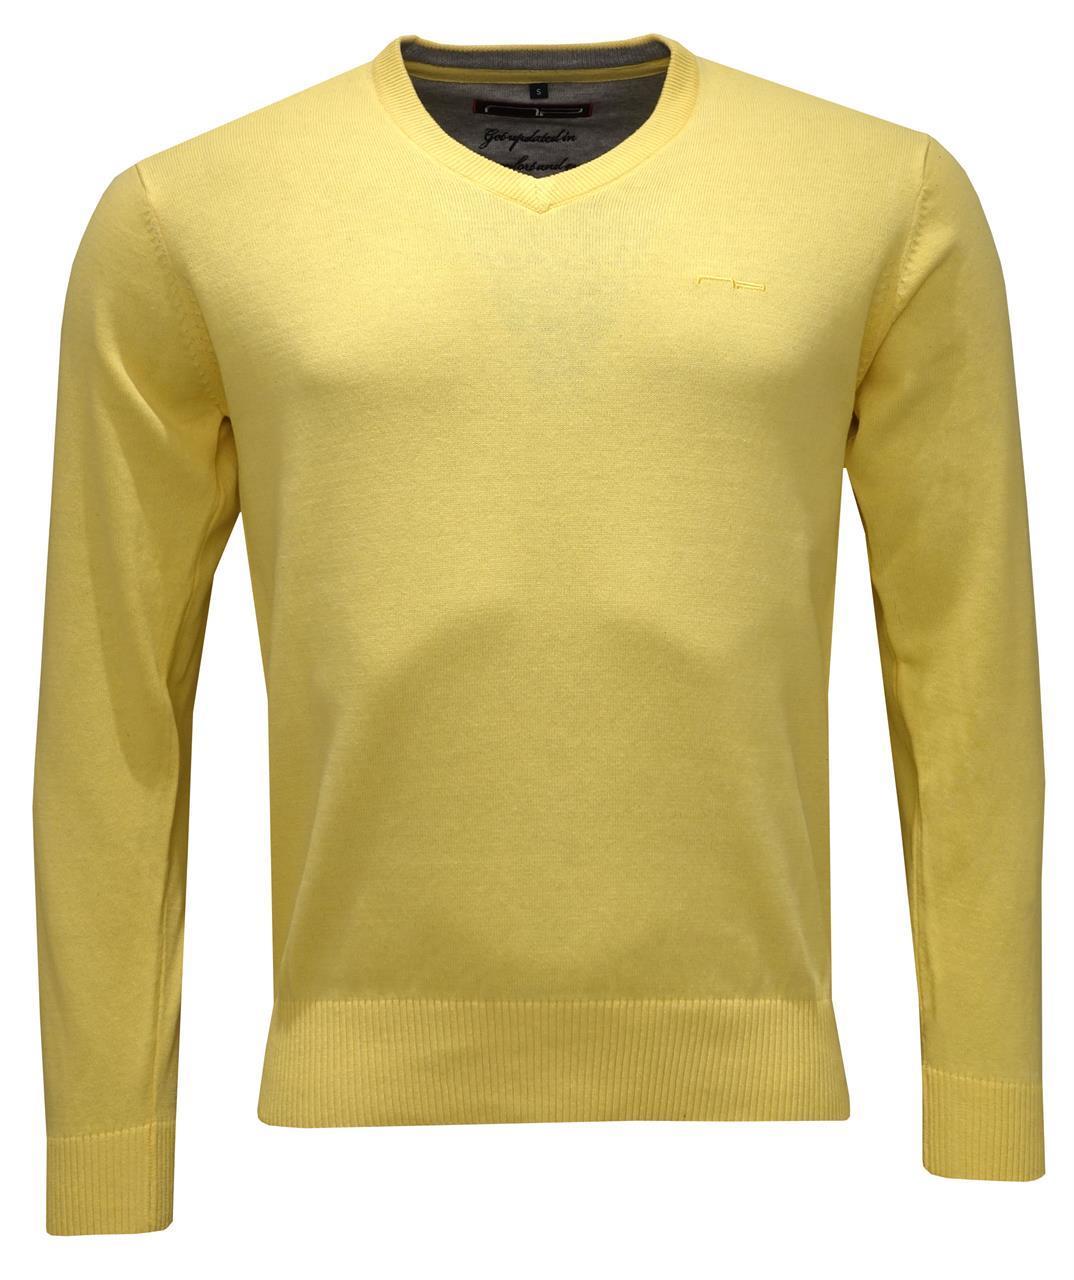 V -neck 1670 Light Yellow S